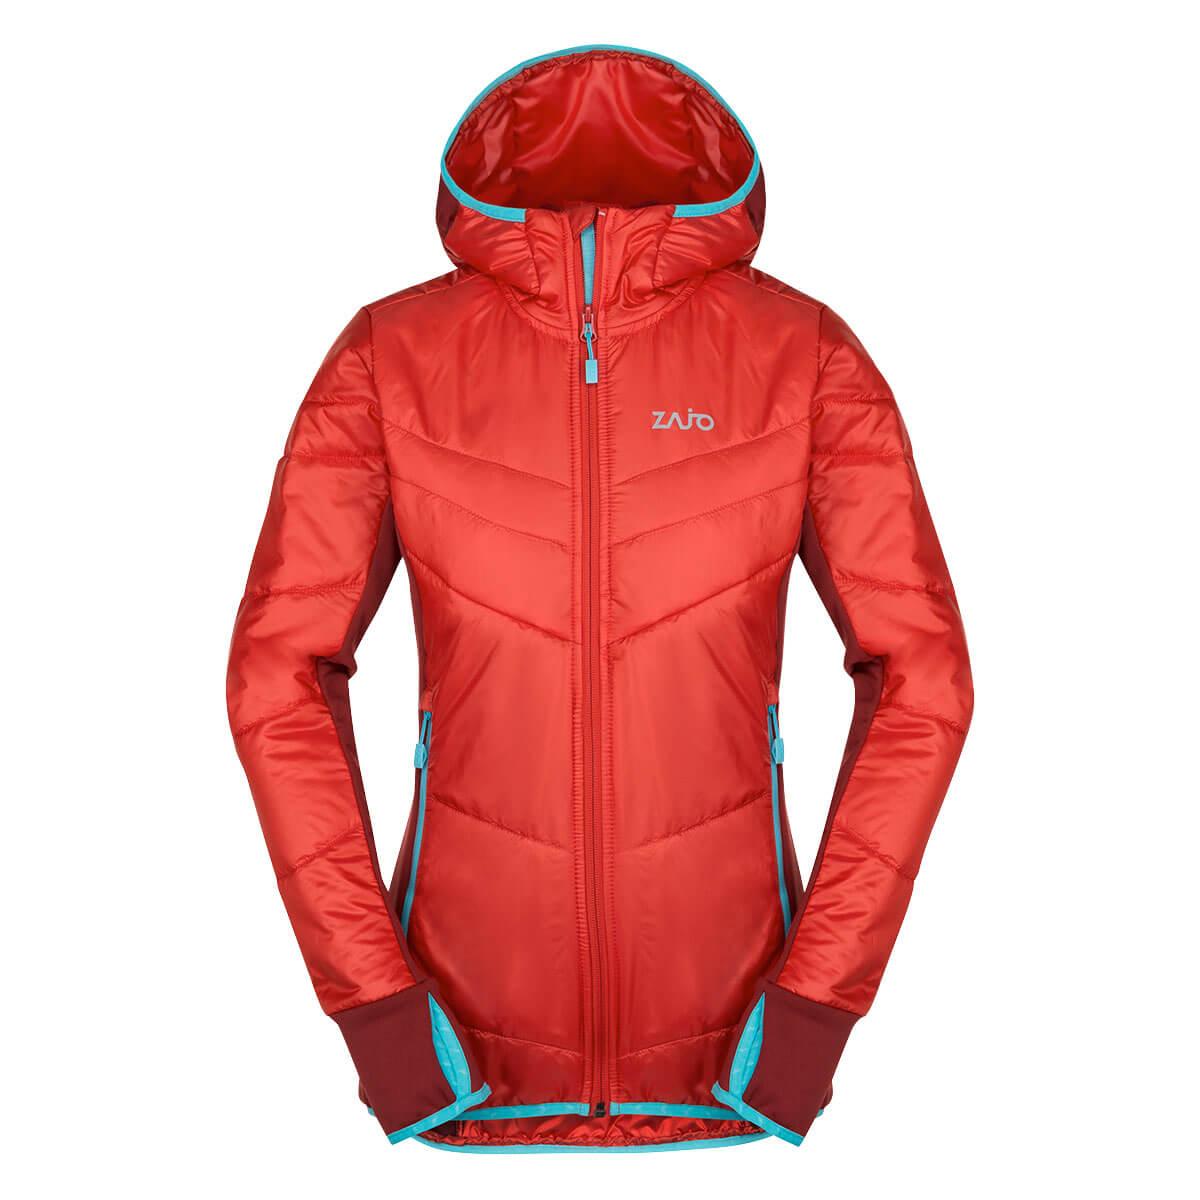 Dámska bunda Zajo Rossa W JKT Red - veľkosť M